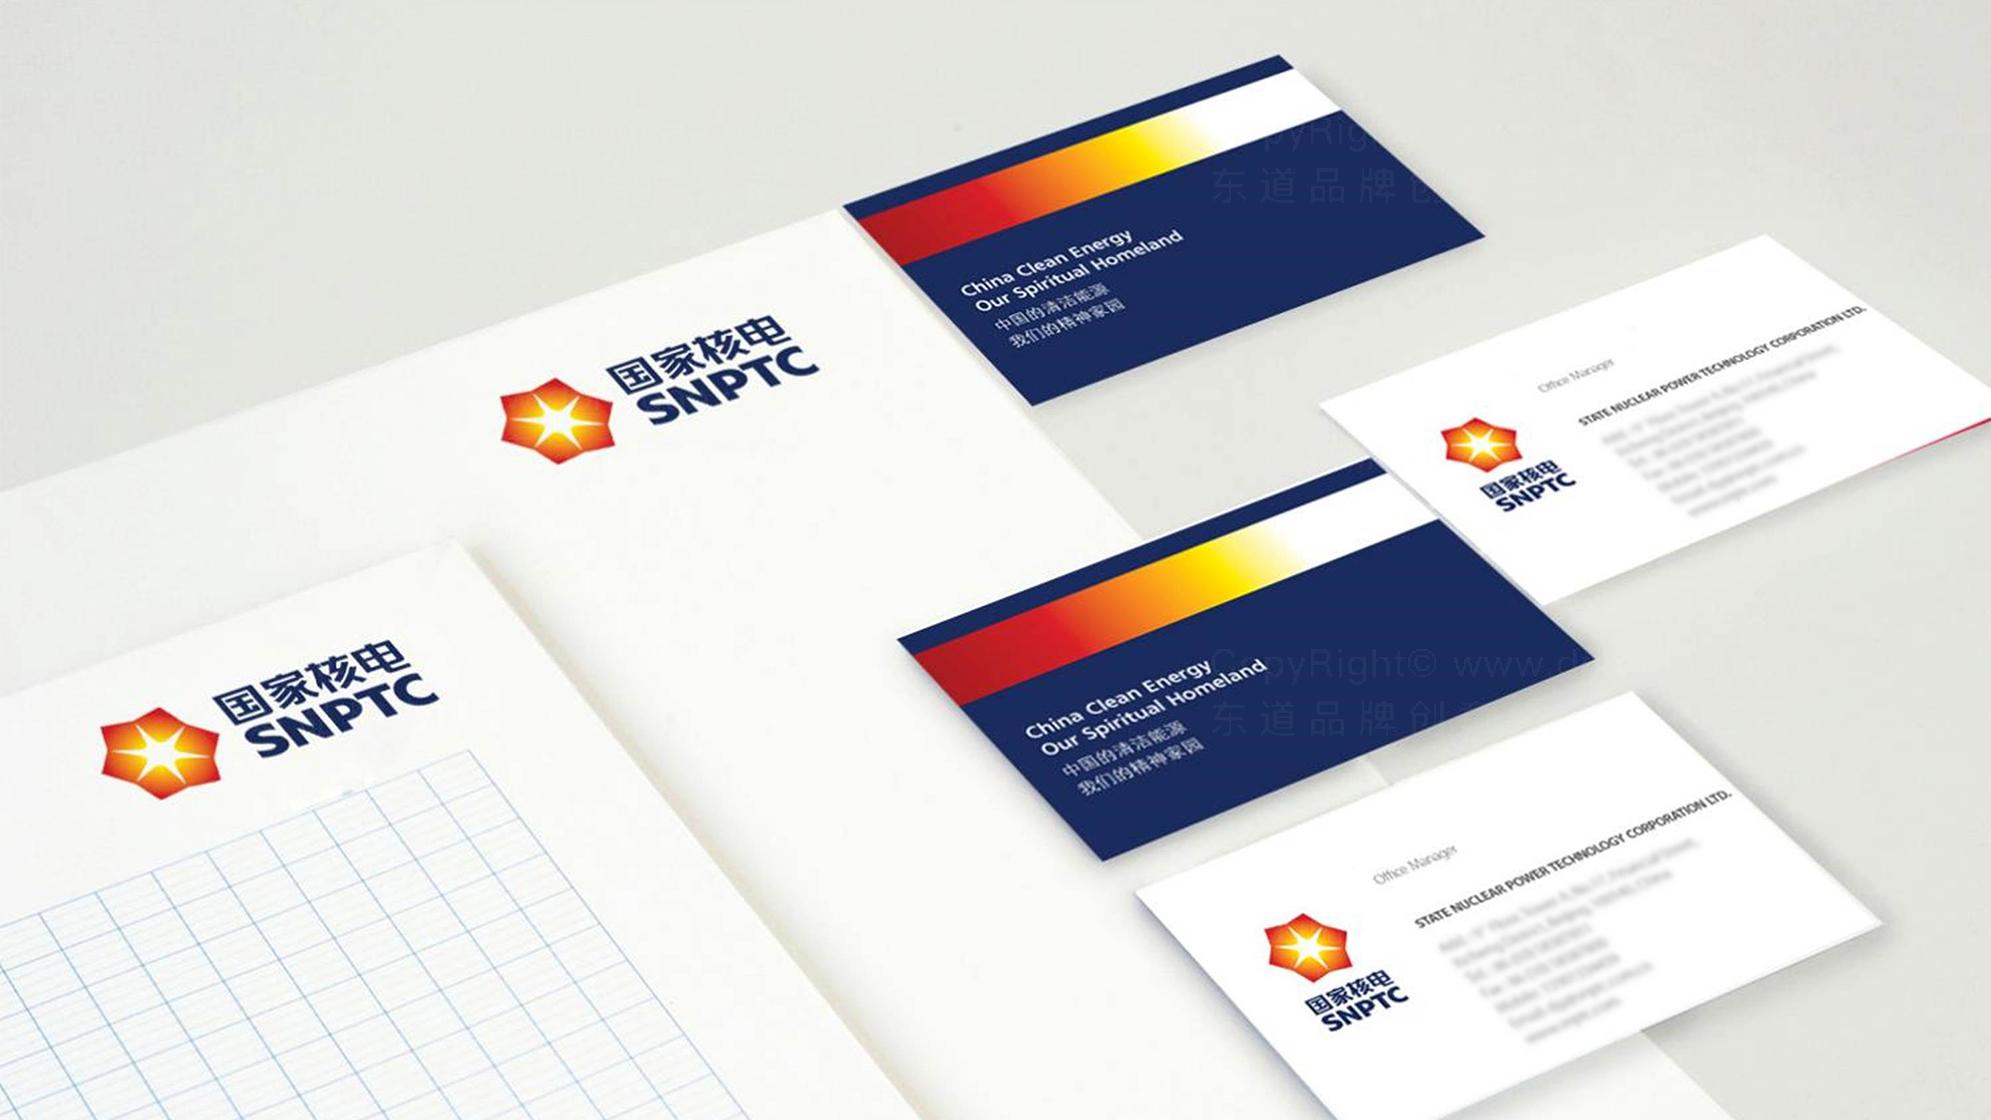 品牌设计国家核电标志设计应用场景_7